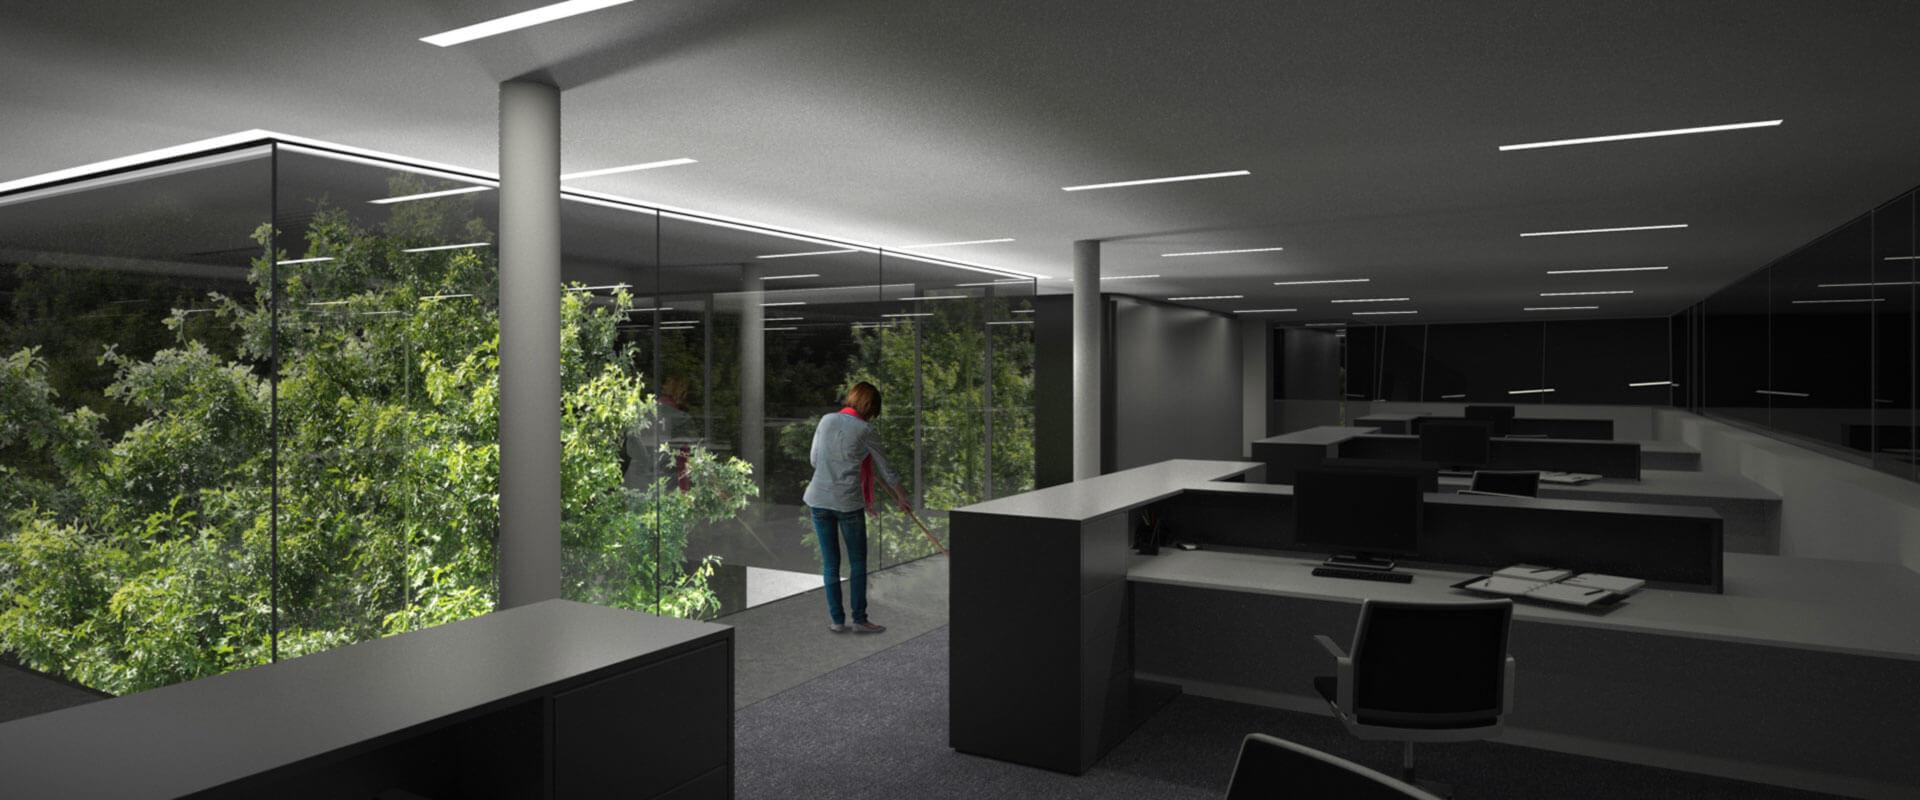 consento-visionpark-plan-3d-07